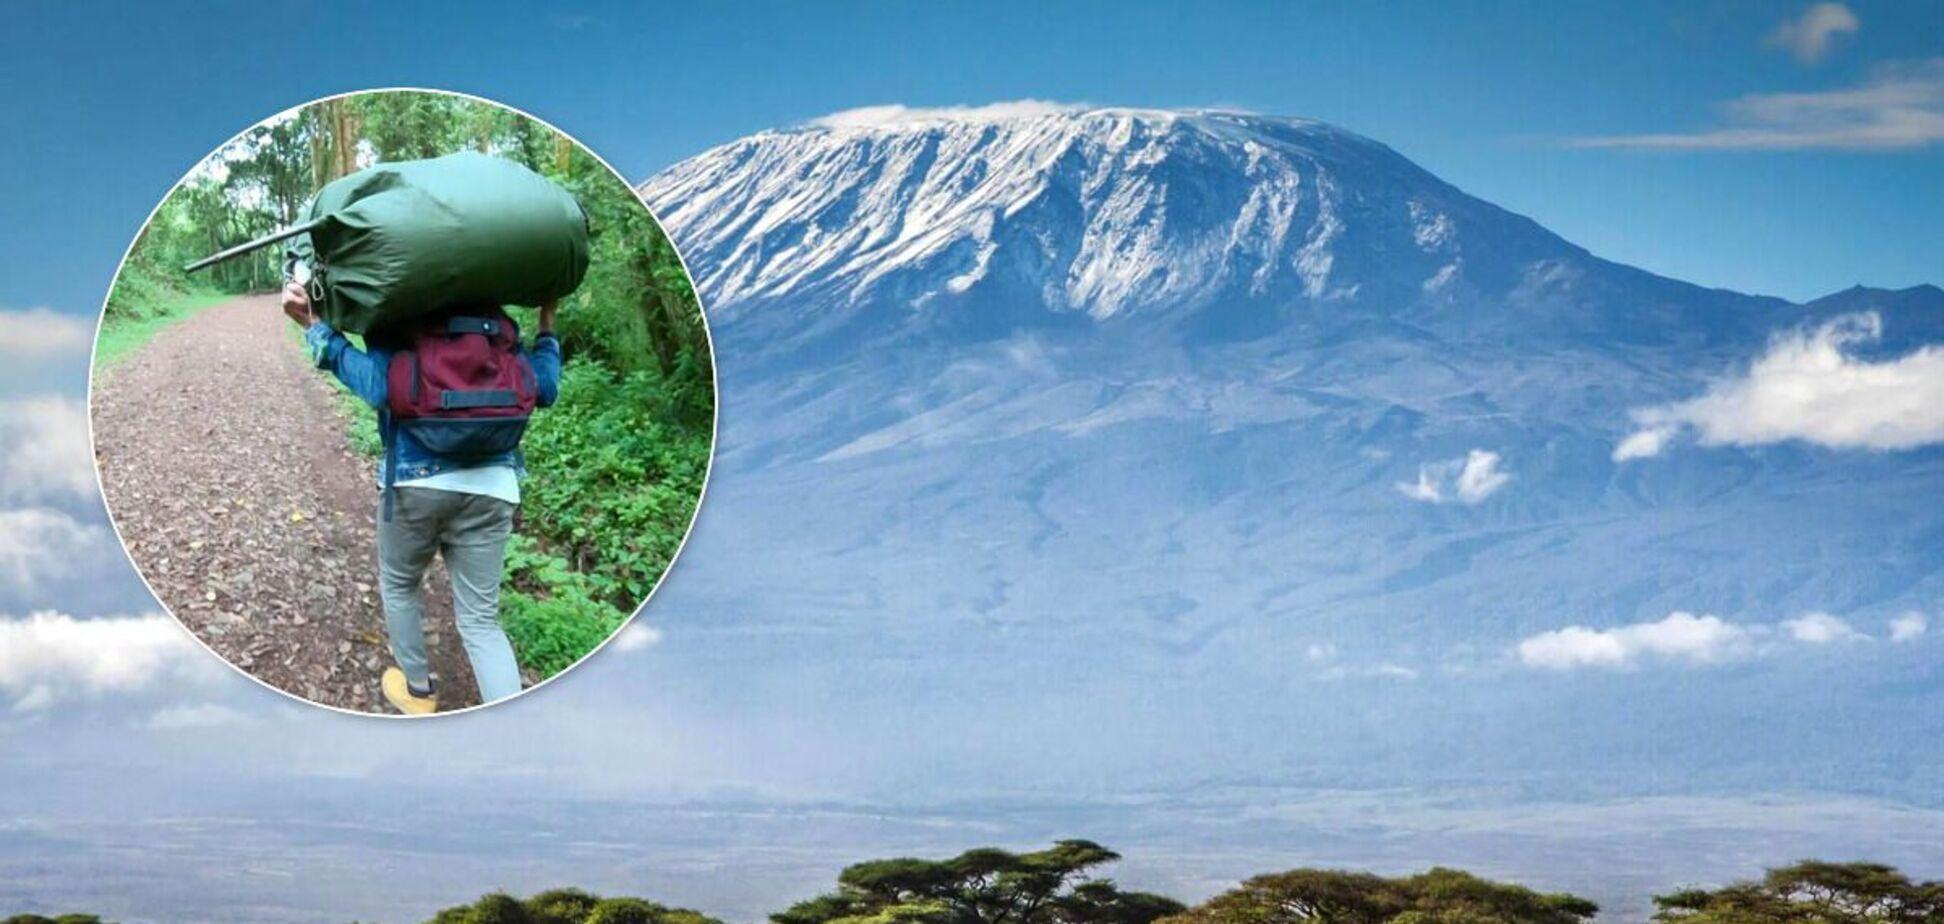 Українець піднявся на Кіліманджаро з вантажем на голові